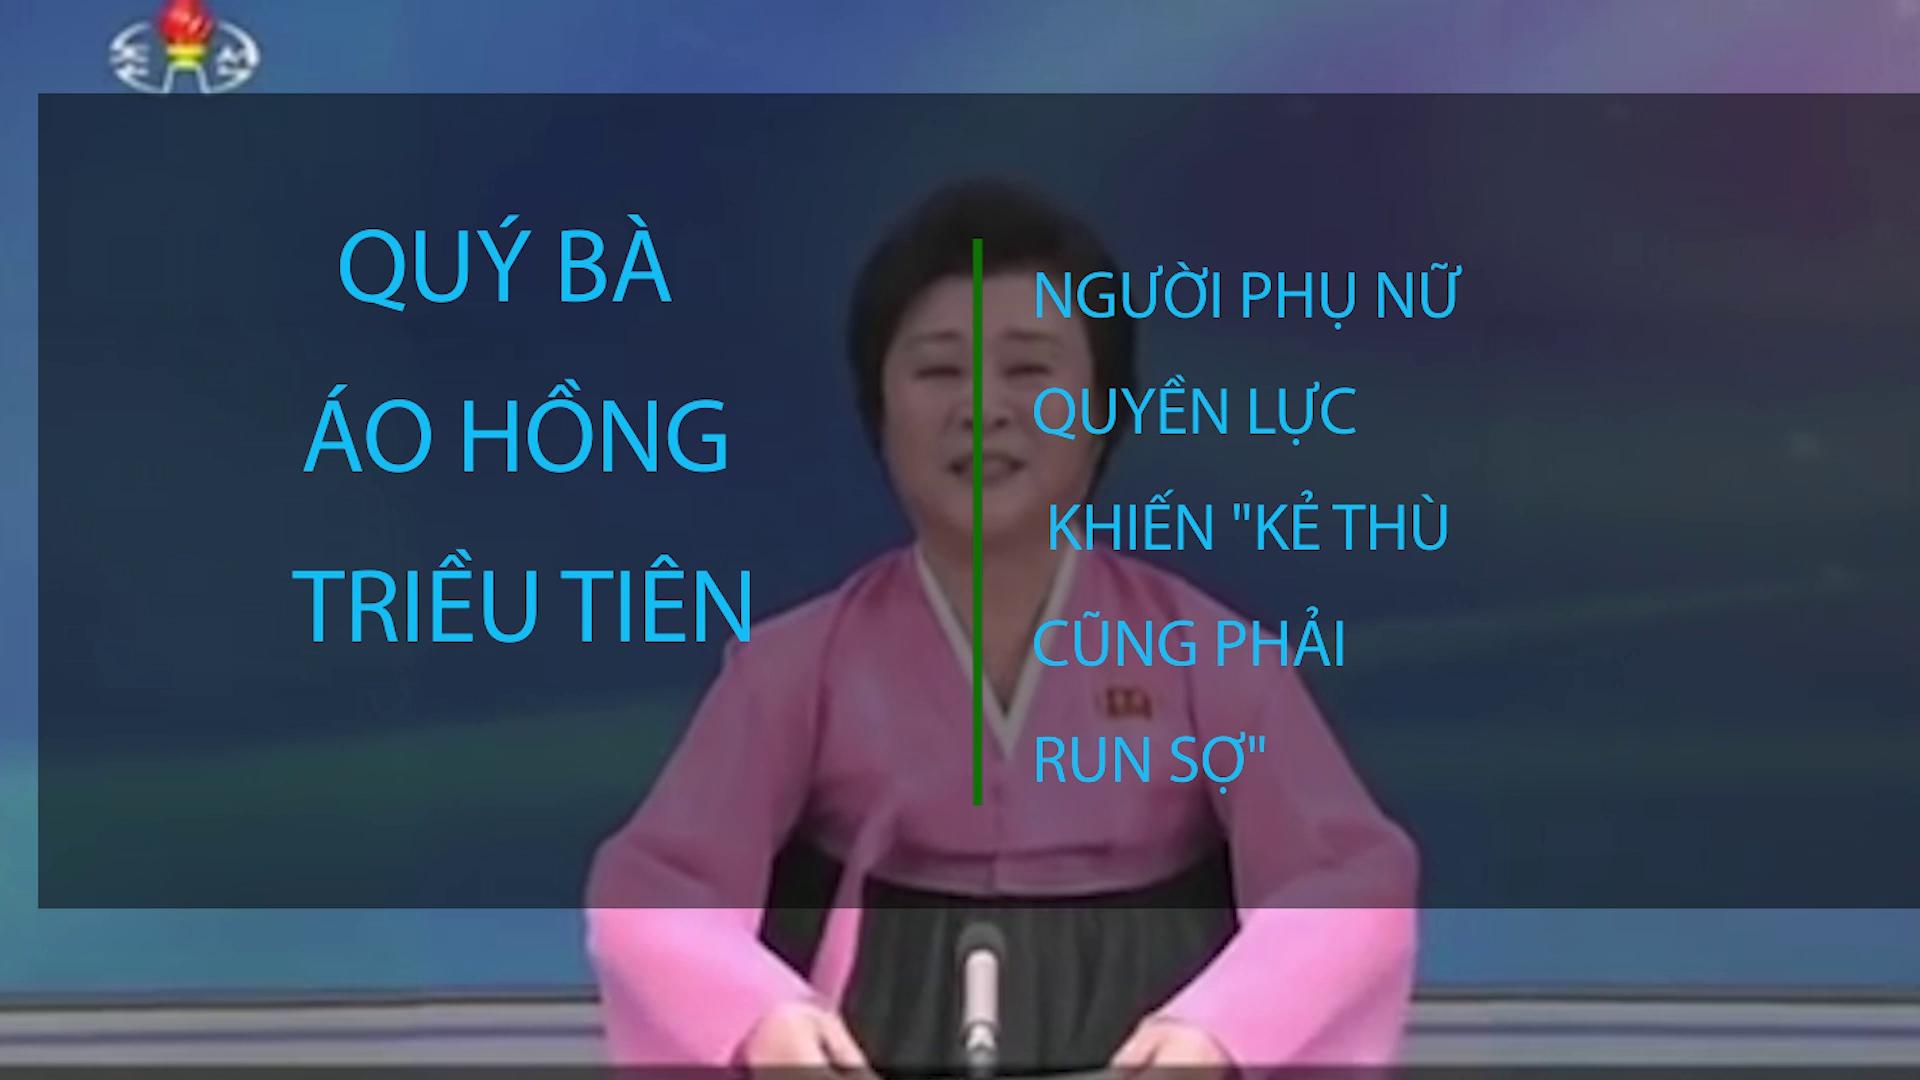 """Quý bà áo hồng Triều Tiên - Người phụ nữ quyền lực khiến """"kẻ thù run sợ"""""""